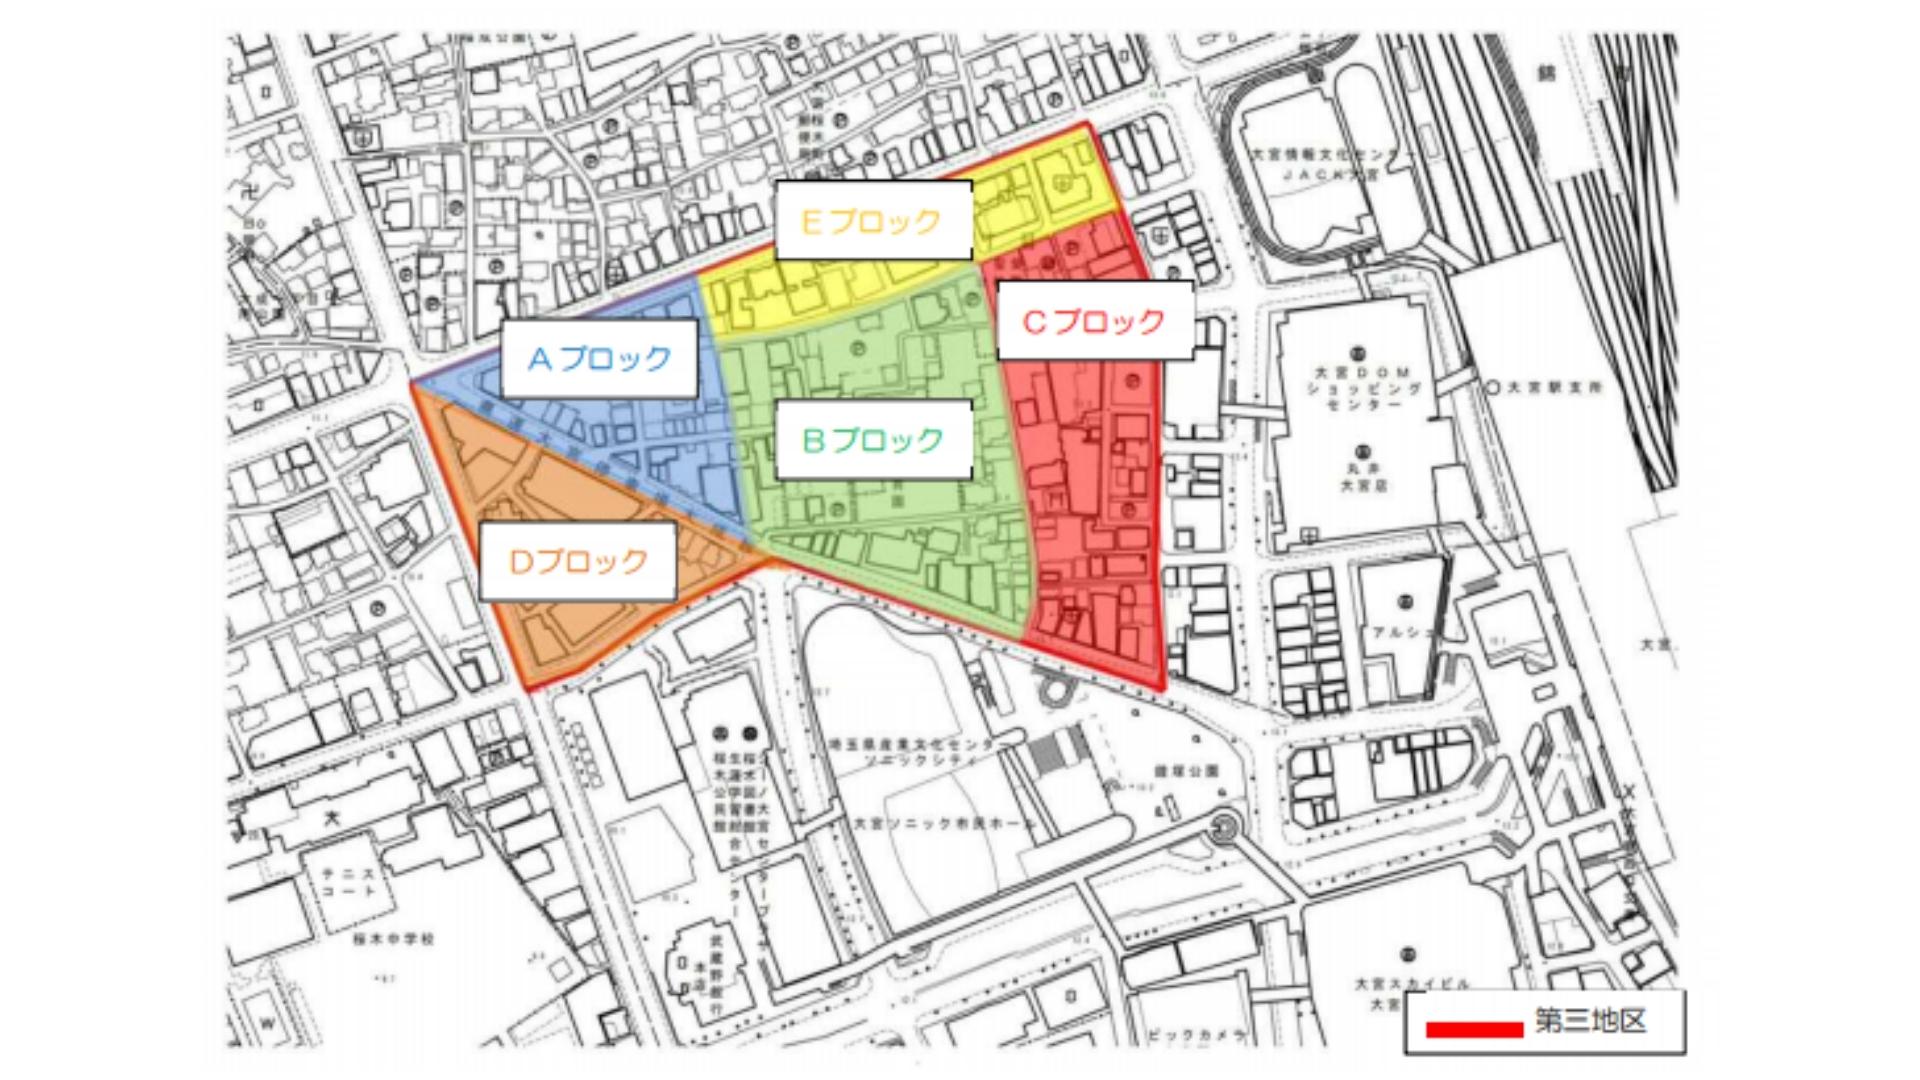 さいたま市のWebより引用の地区分けマップ